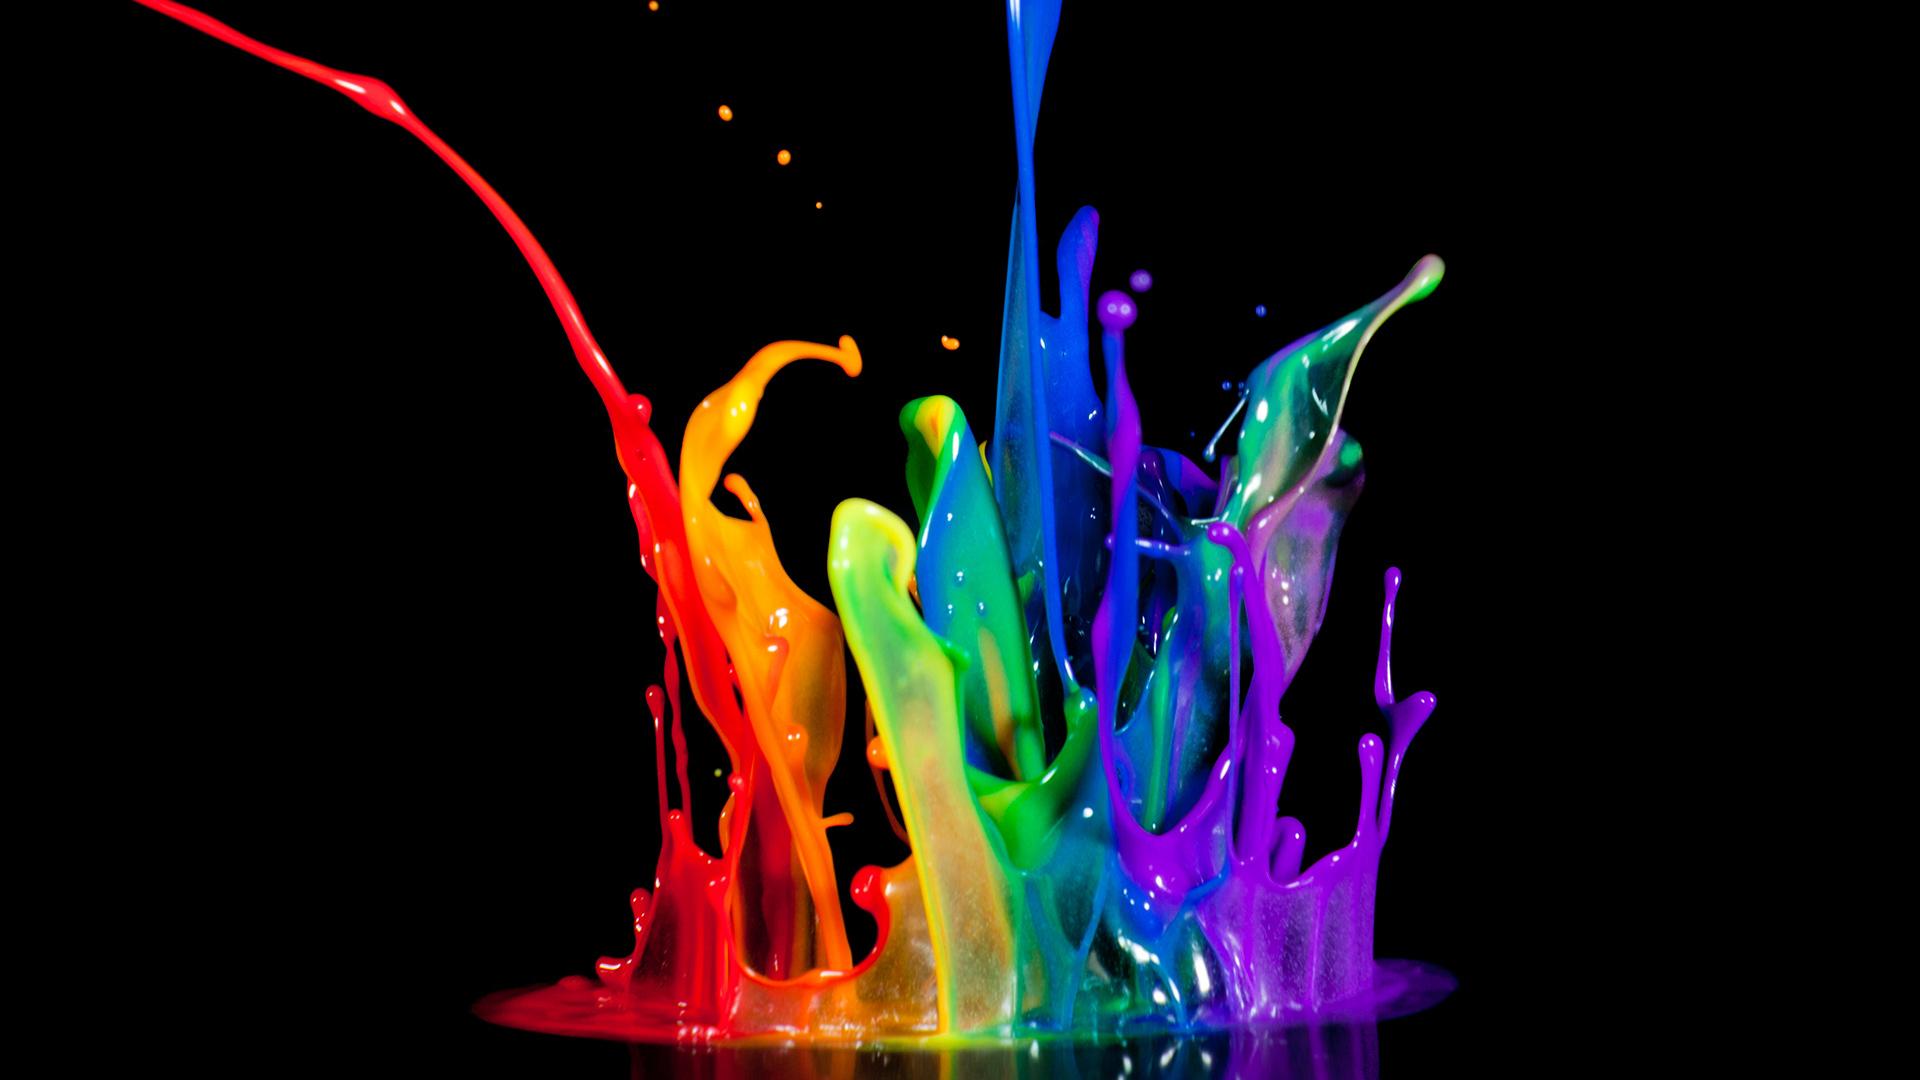 colorful paint splatters pngpaint splash artistic hd wallpapers 1920x1080